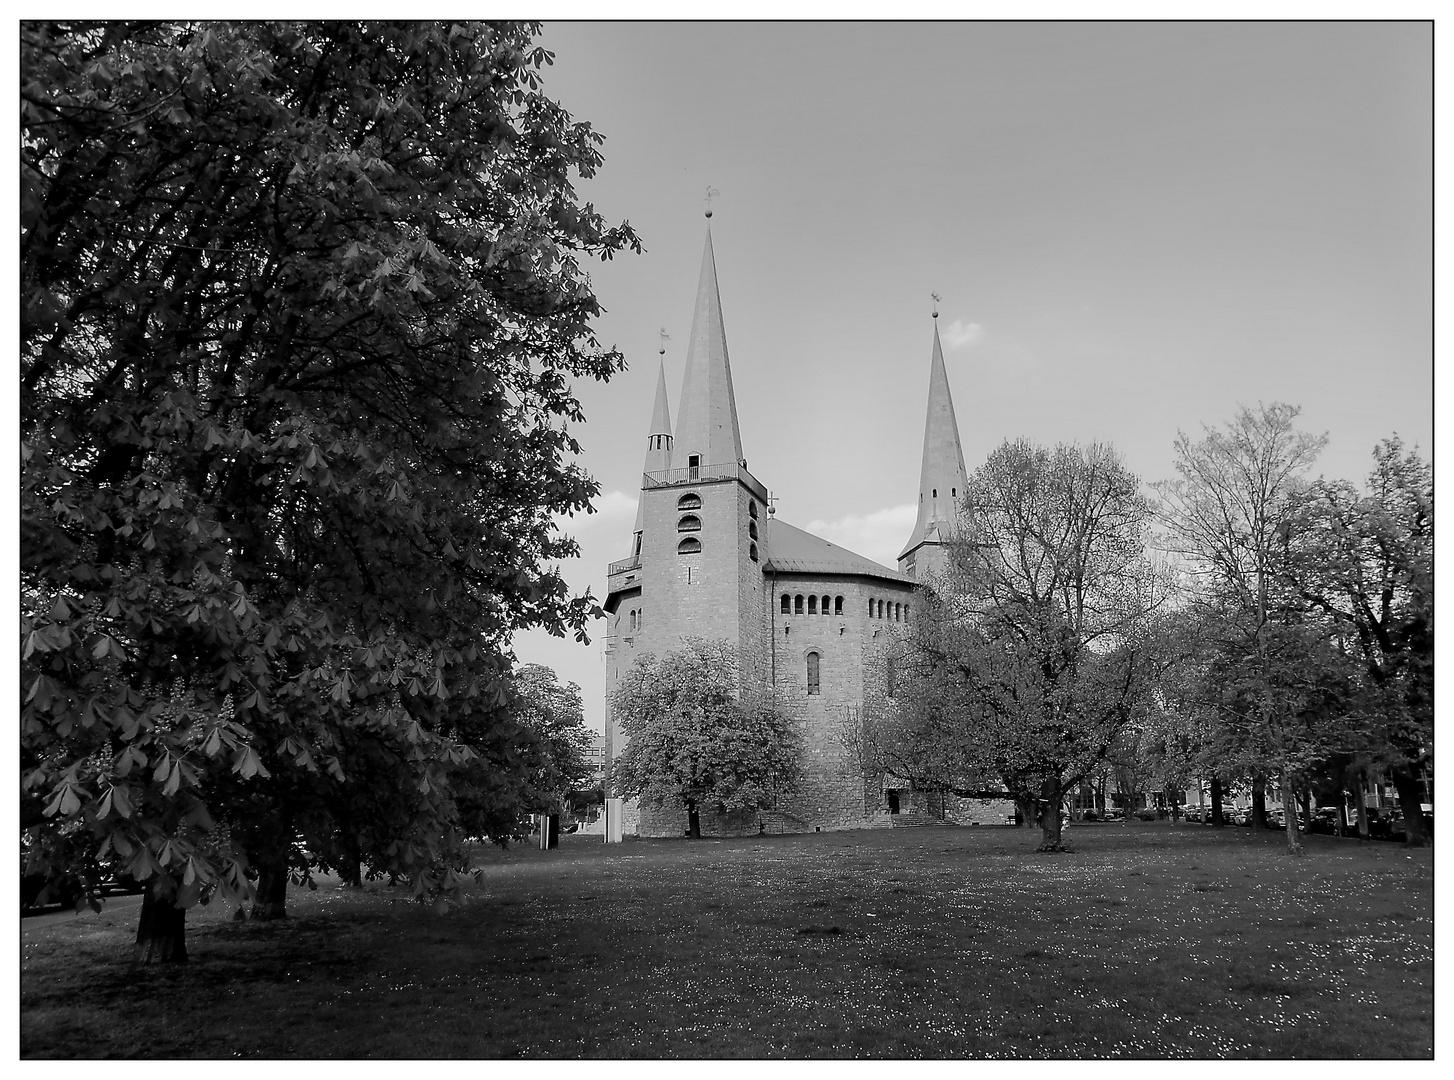 Die Kirche mit drei gleichartigen Türmen